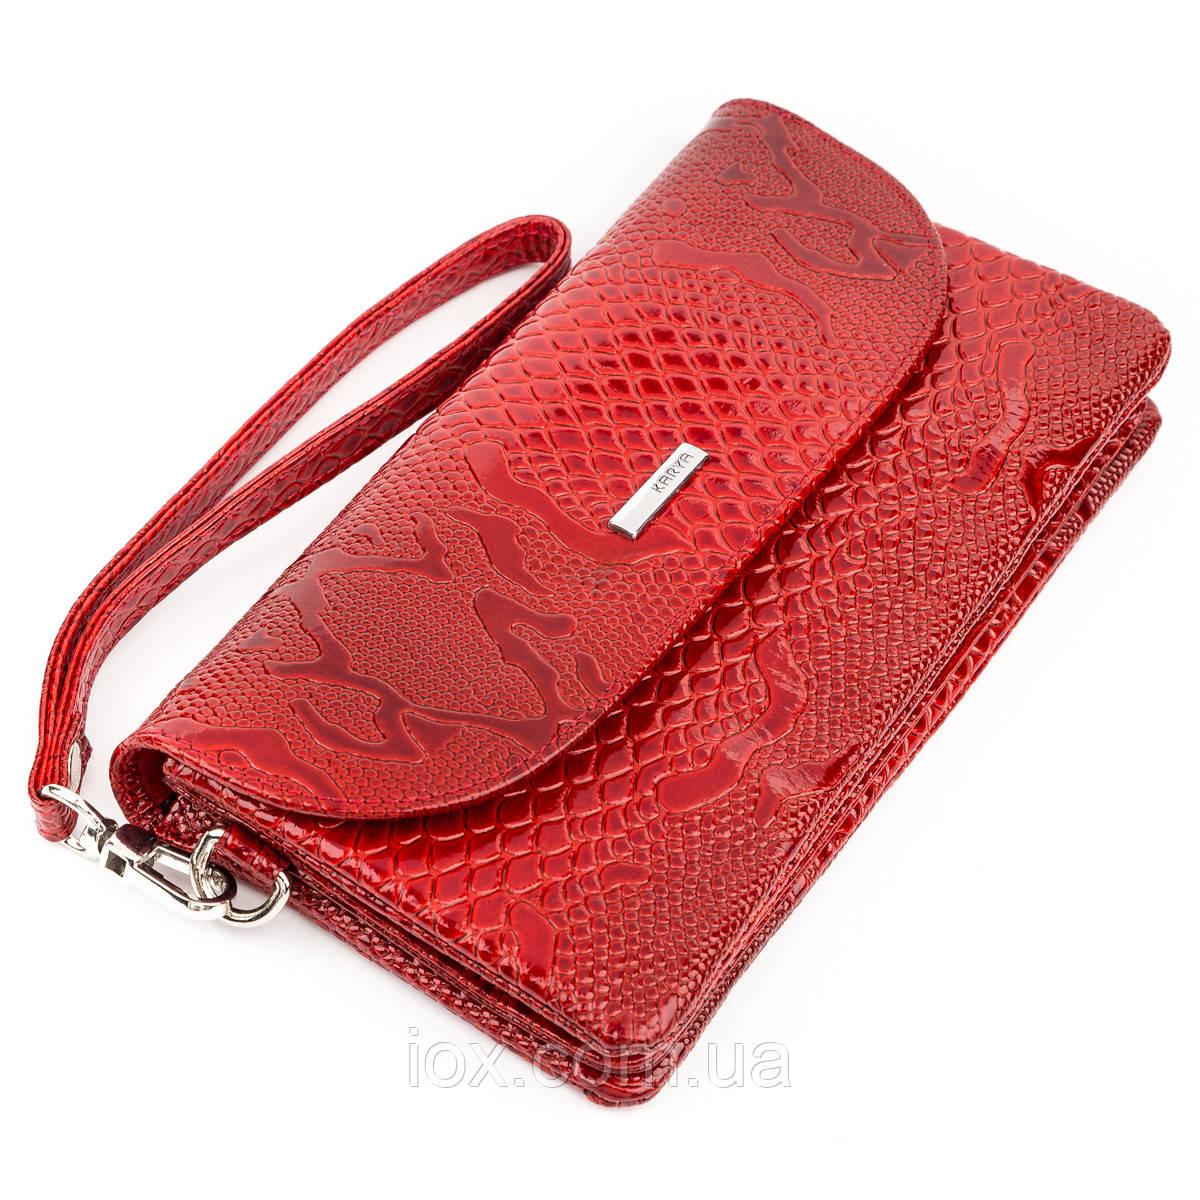 Клатч женский KARYA 17191 кожаный Красный